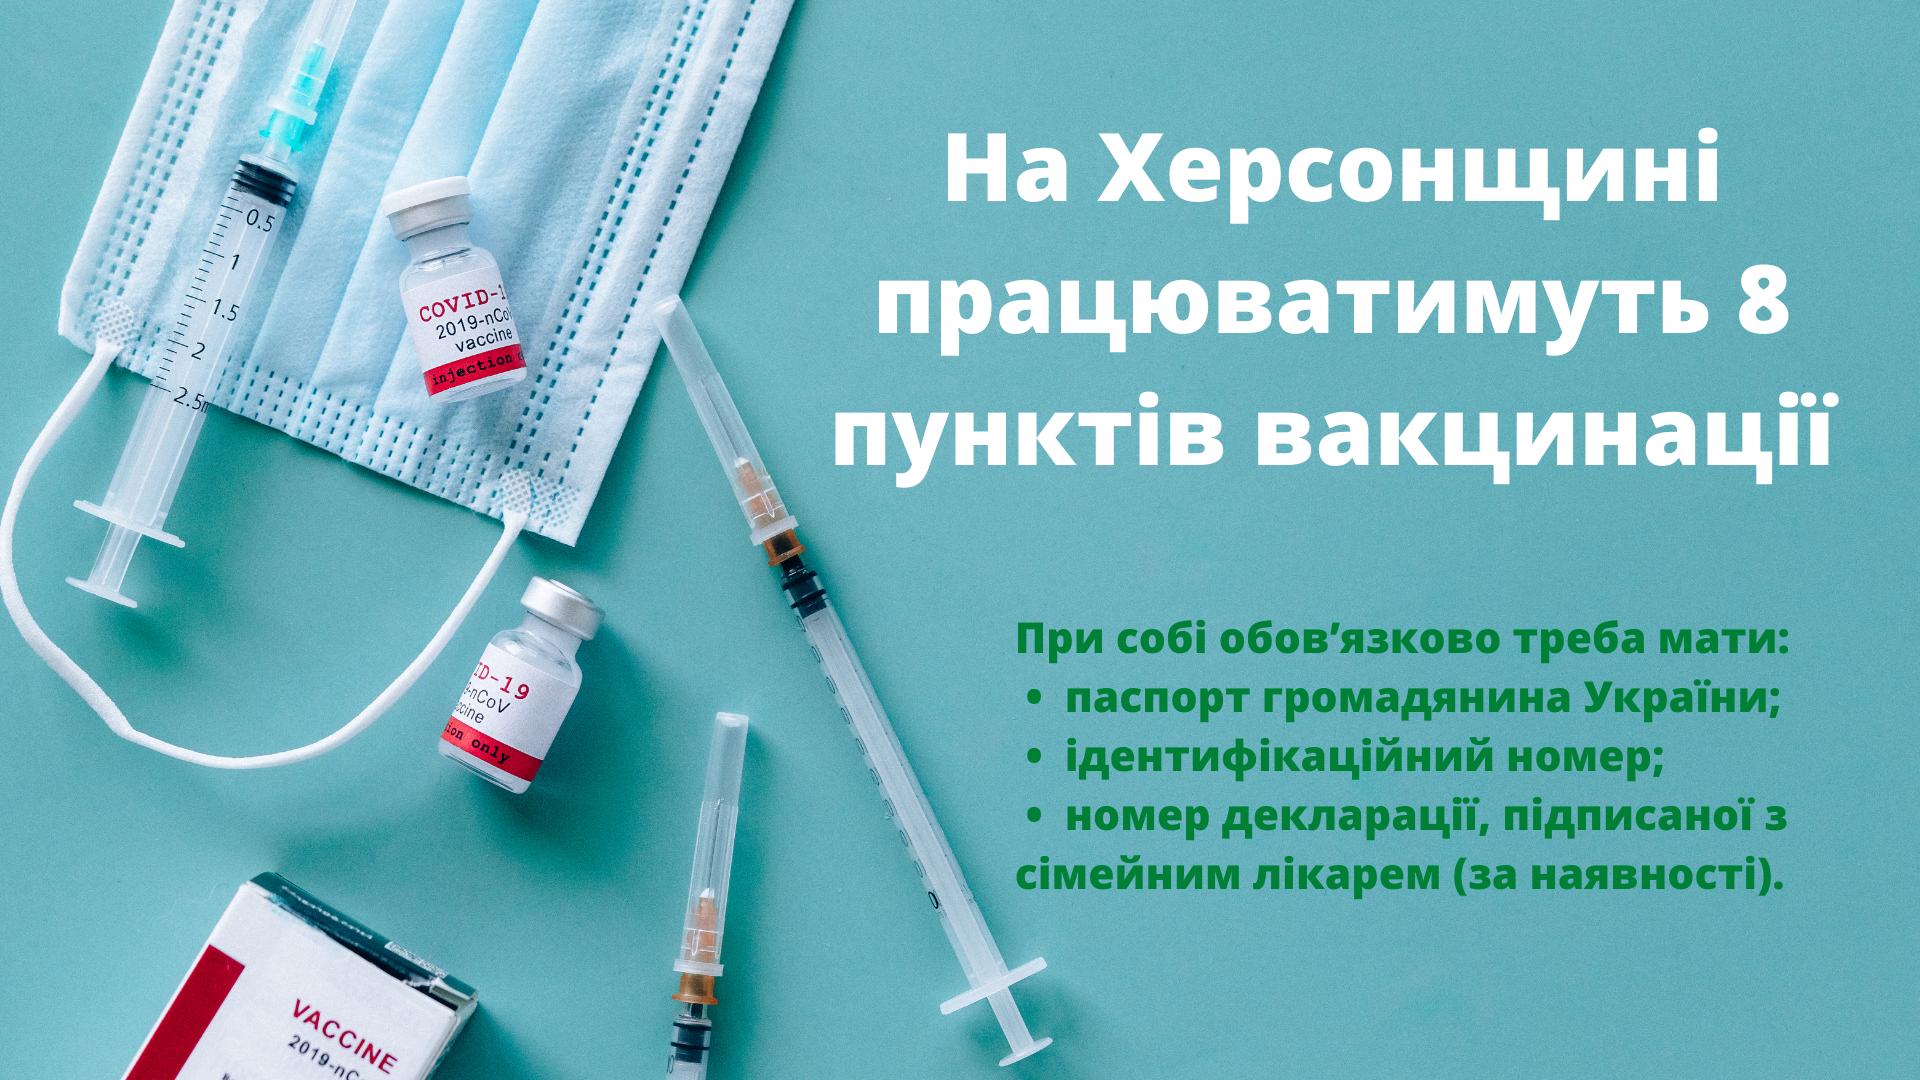 вакцінація, херсон, центри